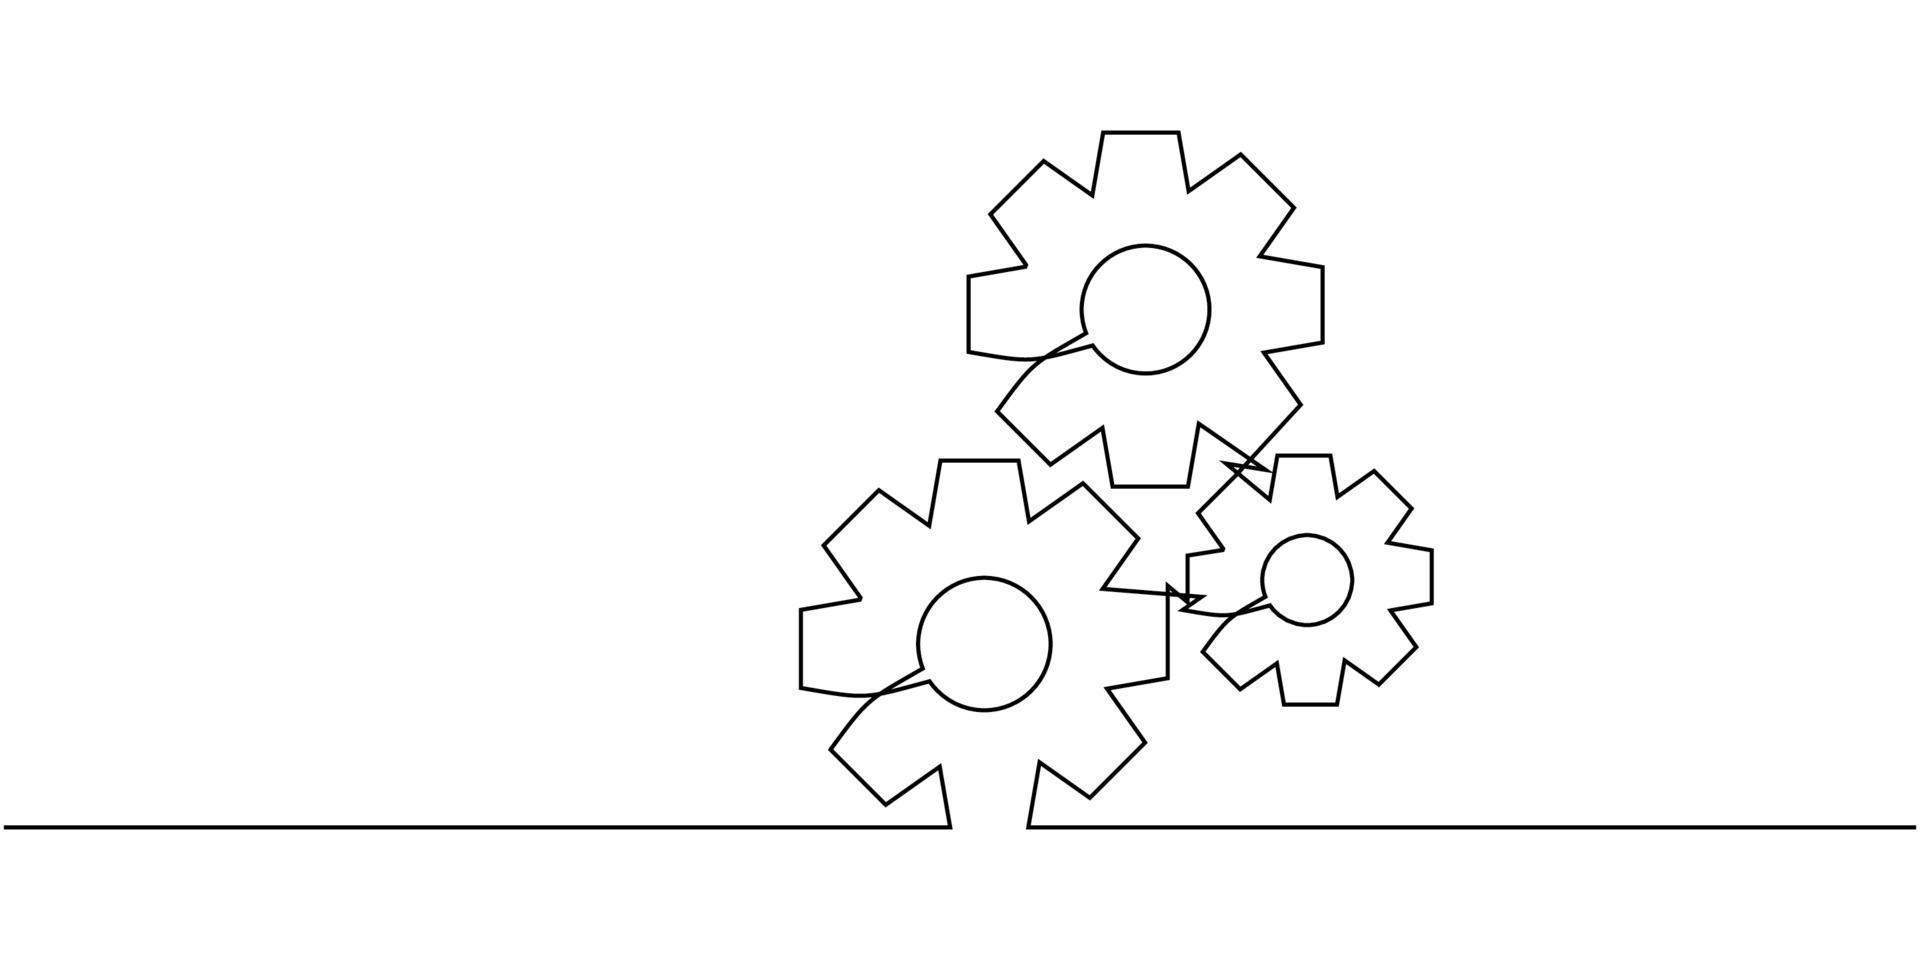 uma linha contínua de engrenagens em movimento. modelo de logotipo de empresa de símbolo de roda redonda de metal para o conceito de trabalho em equipe de negócios. design gráfico de desenho dinâmico de linha única vetor